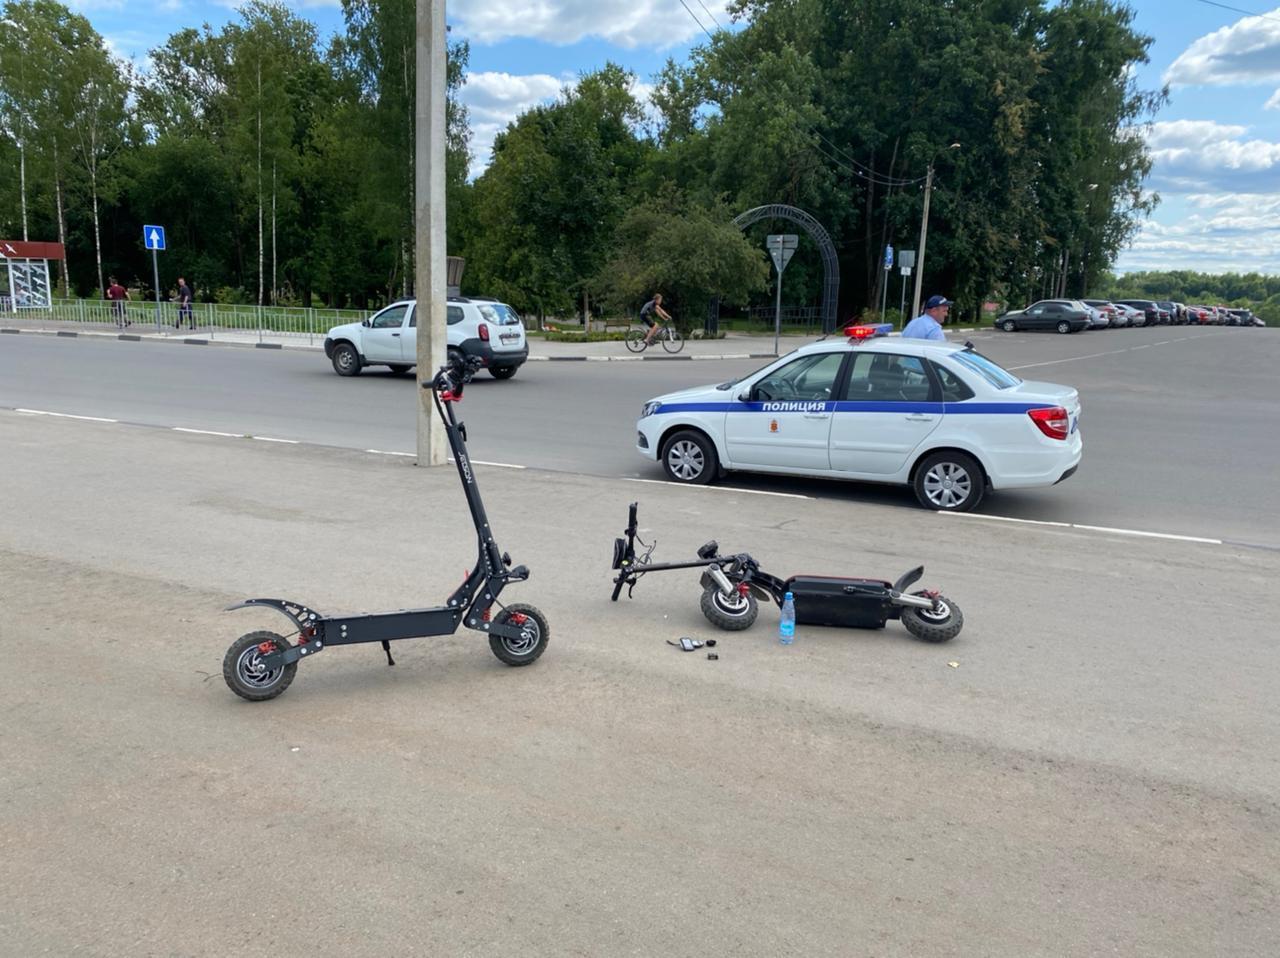 Житель Тверской области влетел в дорожный знак на электросамокате